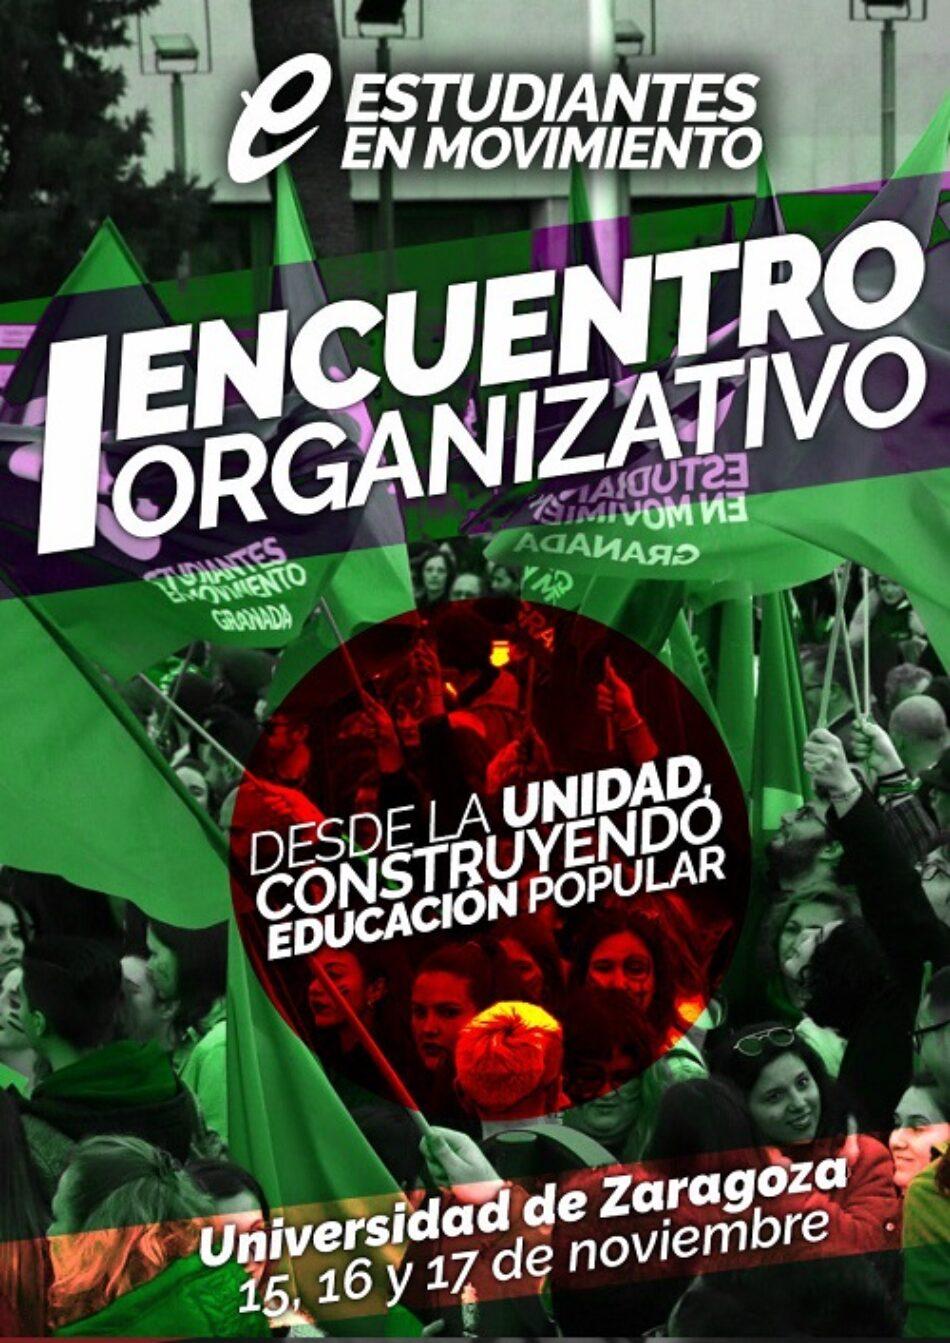 I Encuentro Organizativo estatal de Estudiantes en Movimiento en Zaragoza